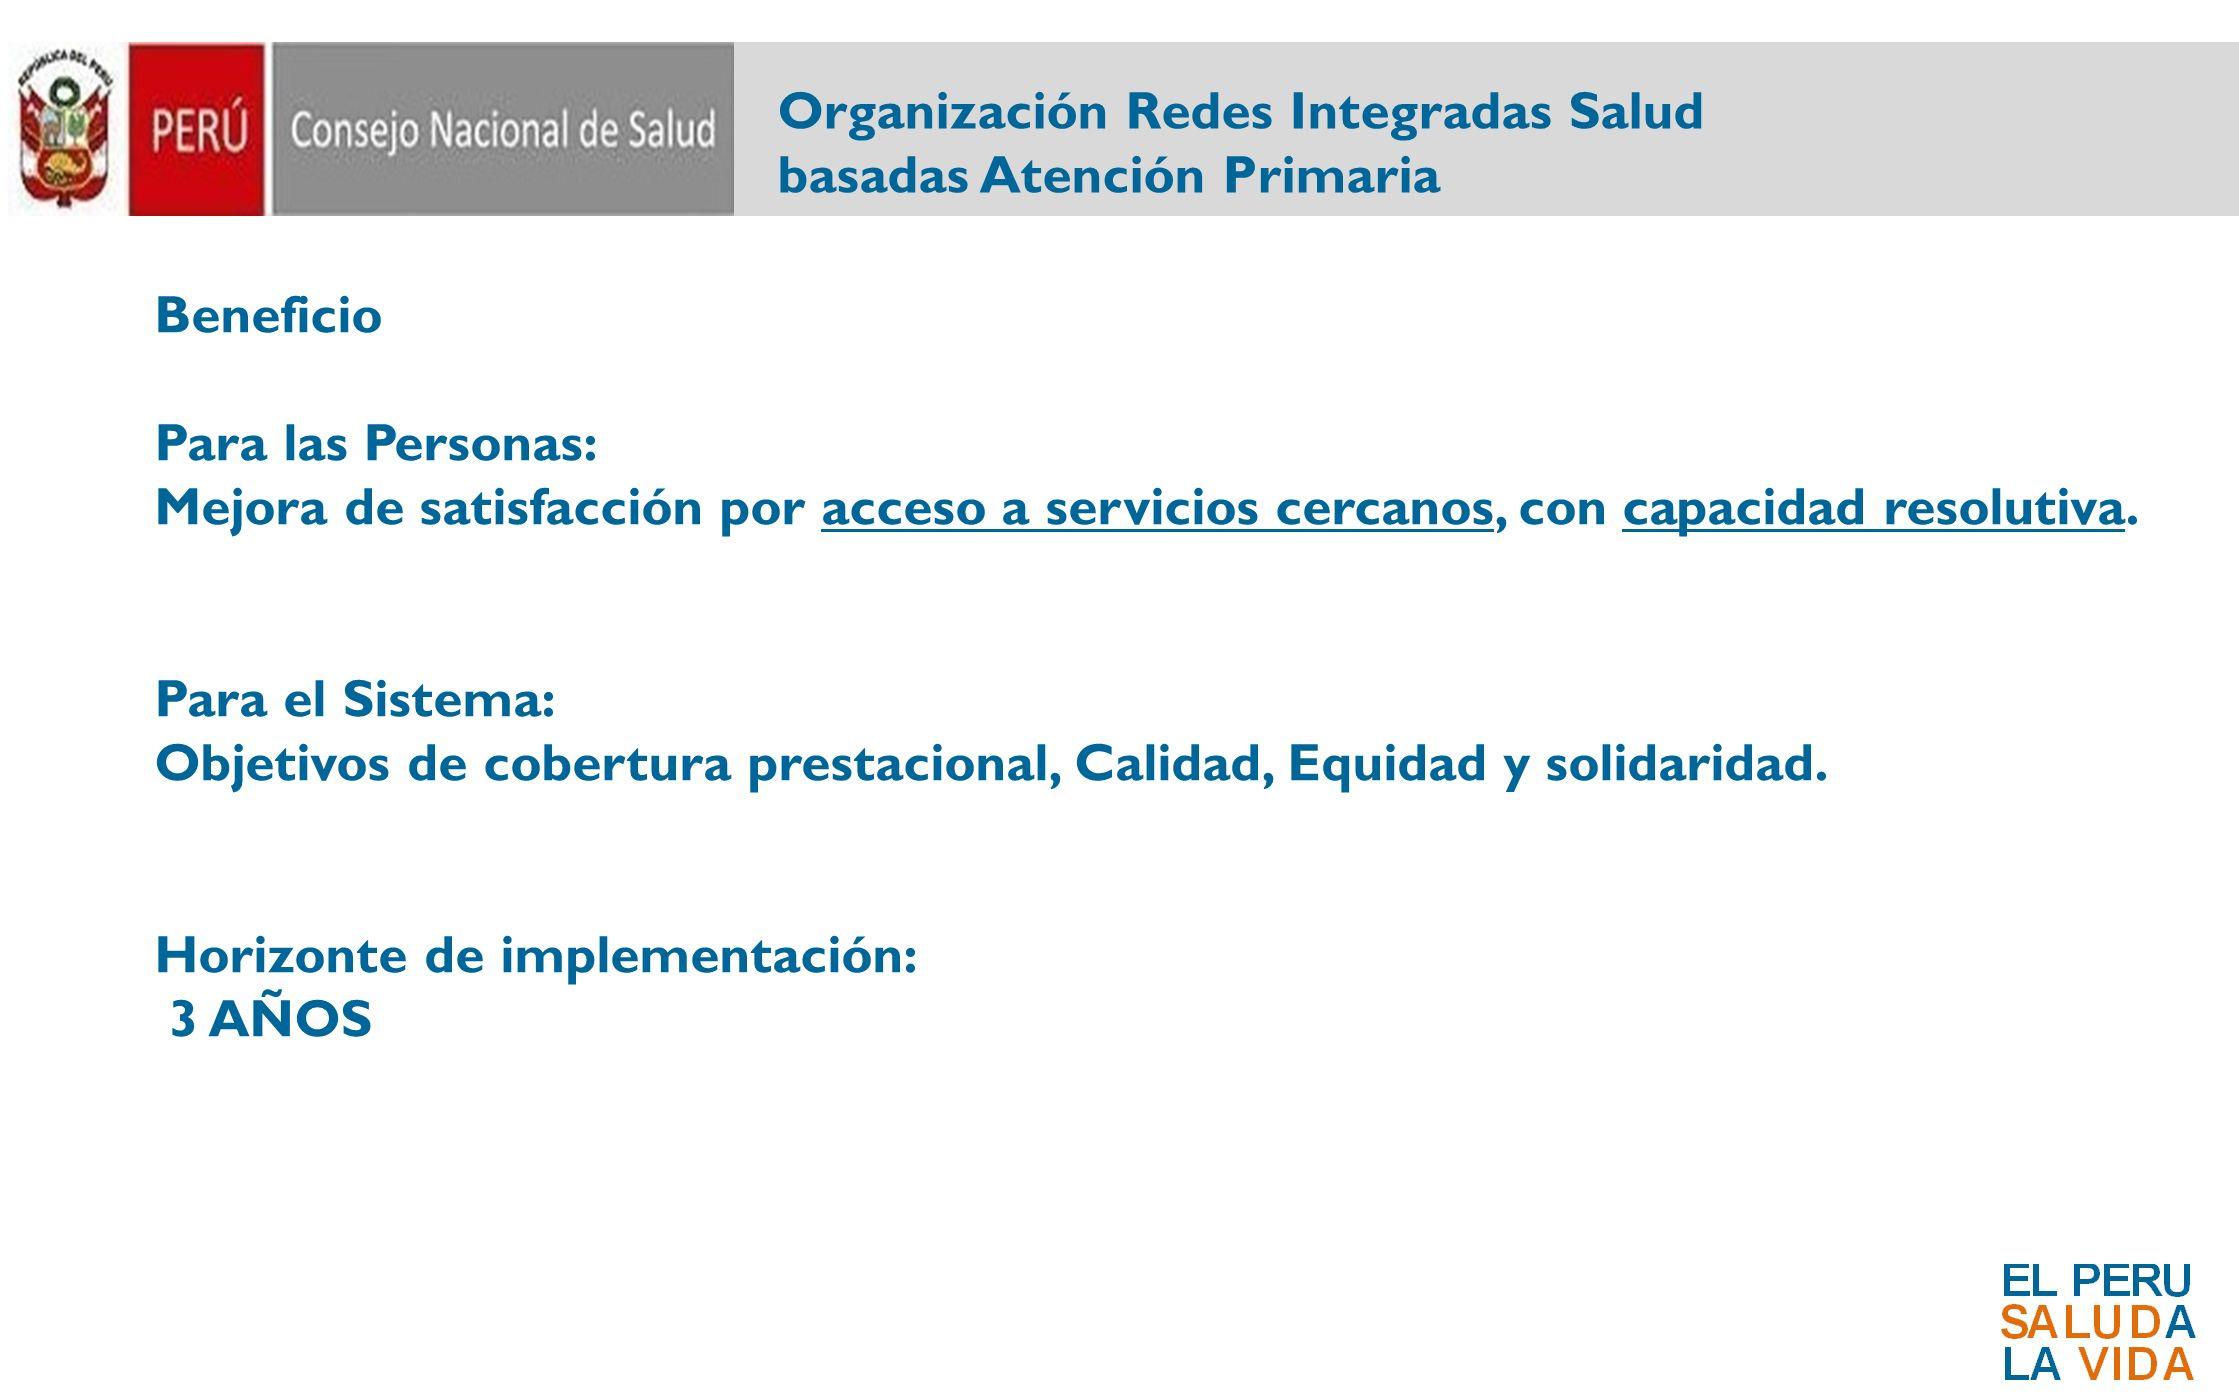 Organización Redes Integradas Salud